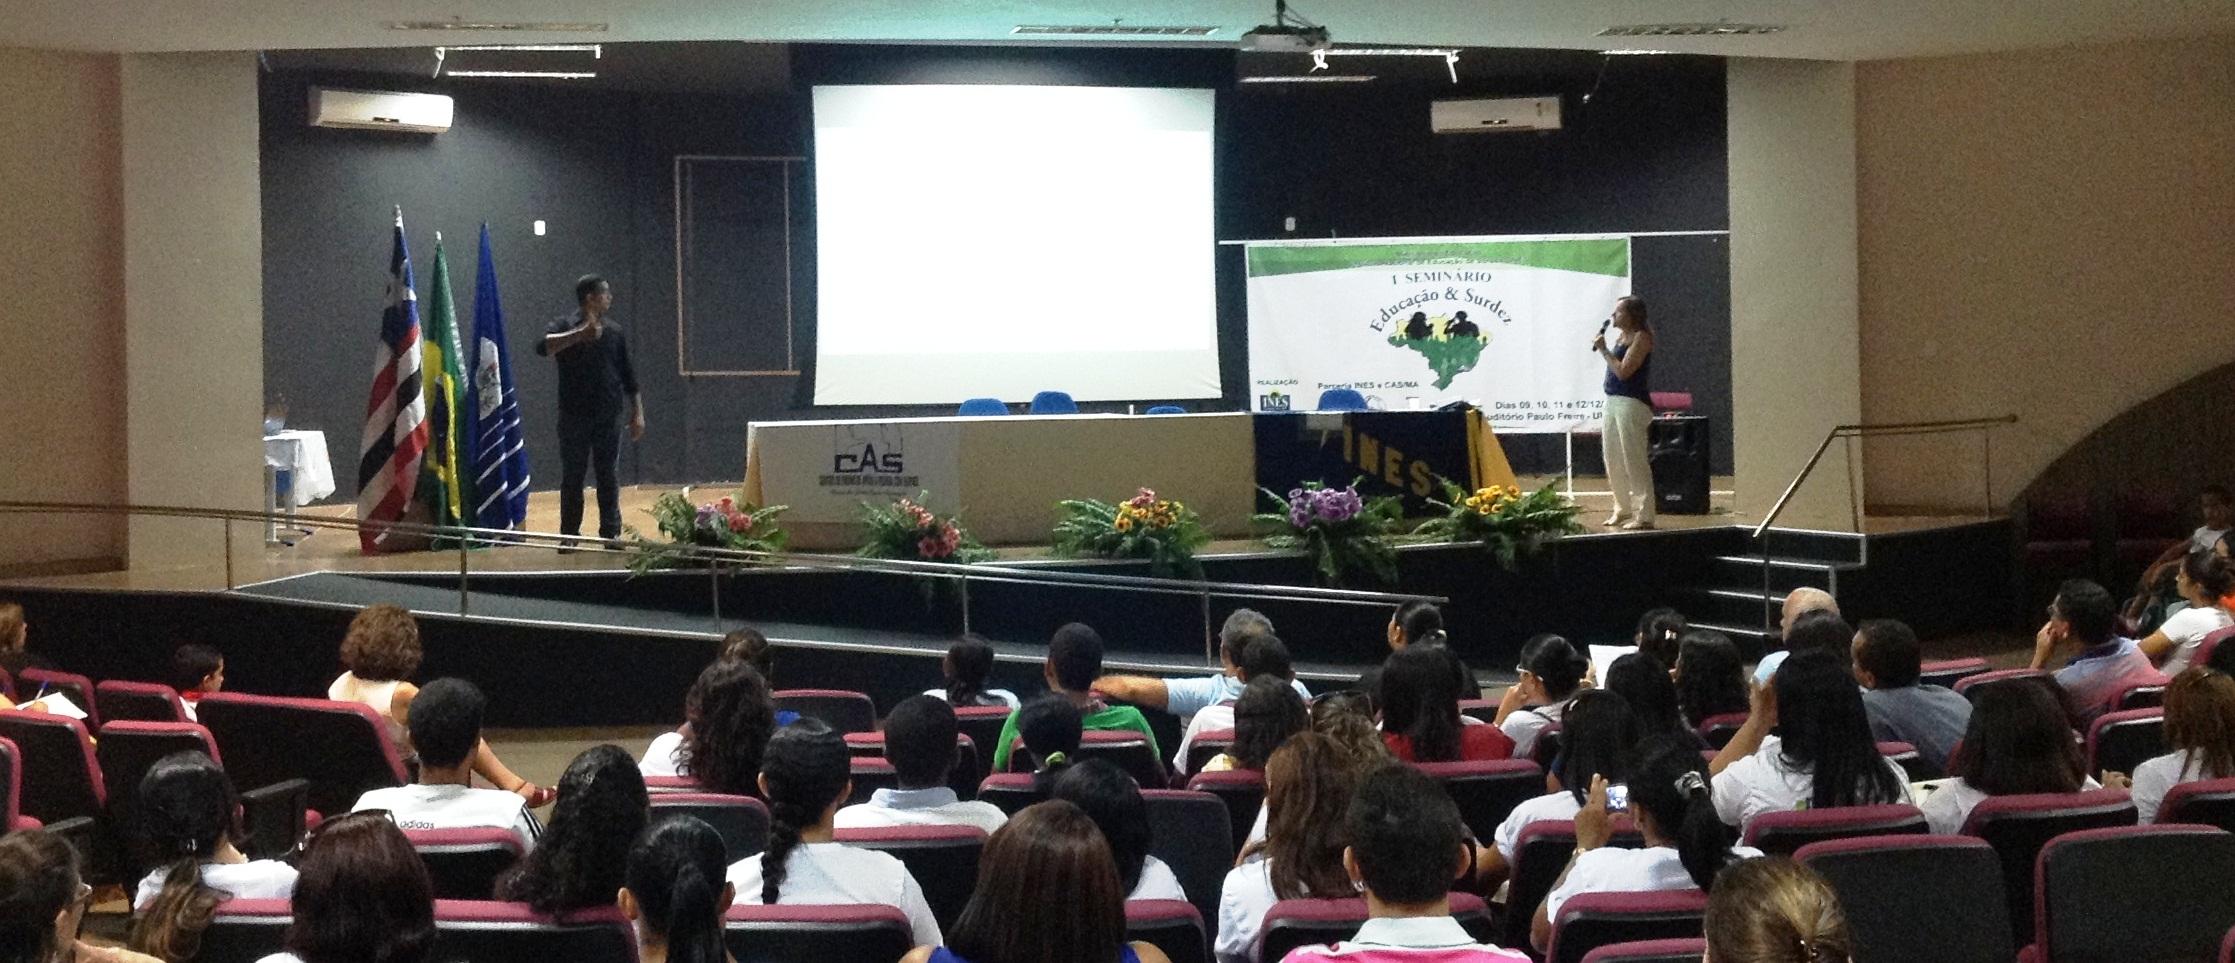 INES divulga edital para realização de seminários em municípios